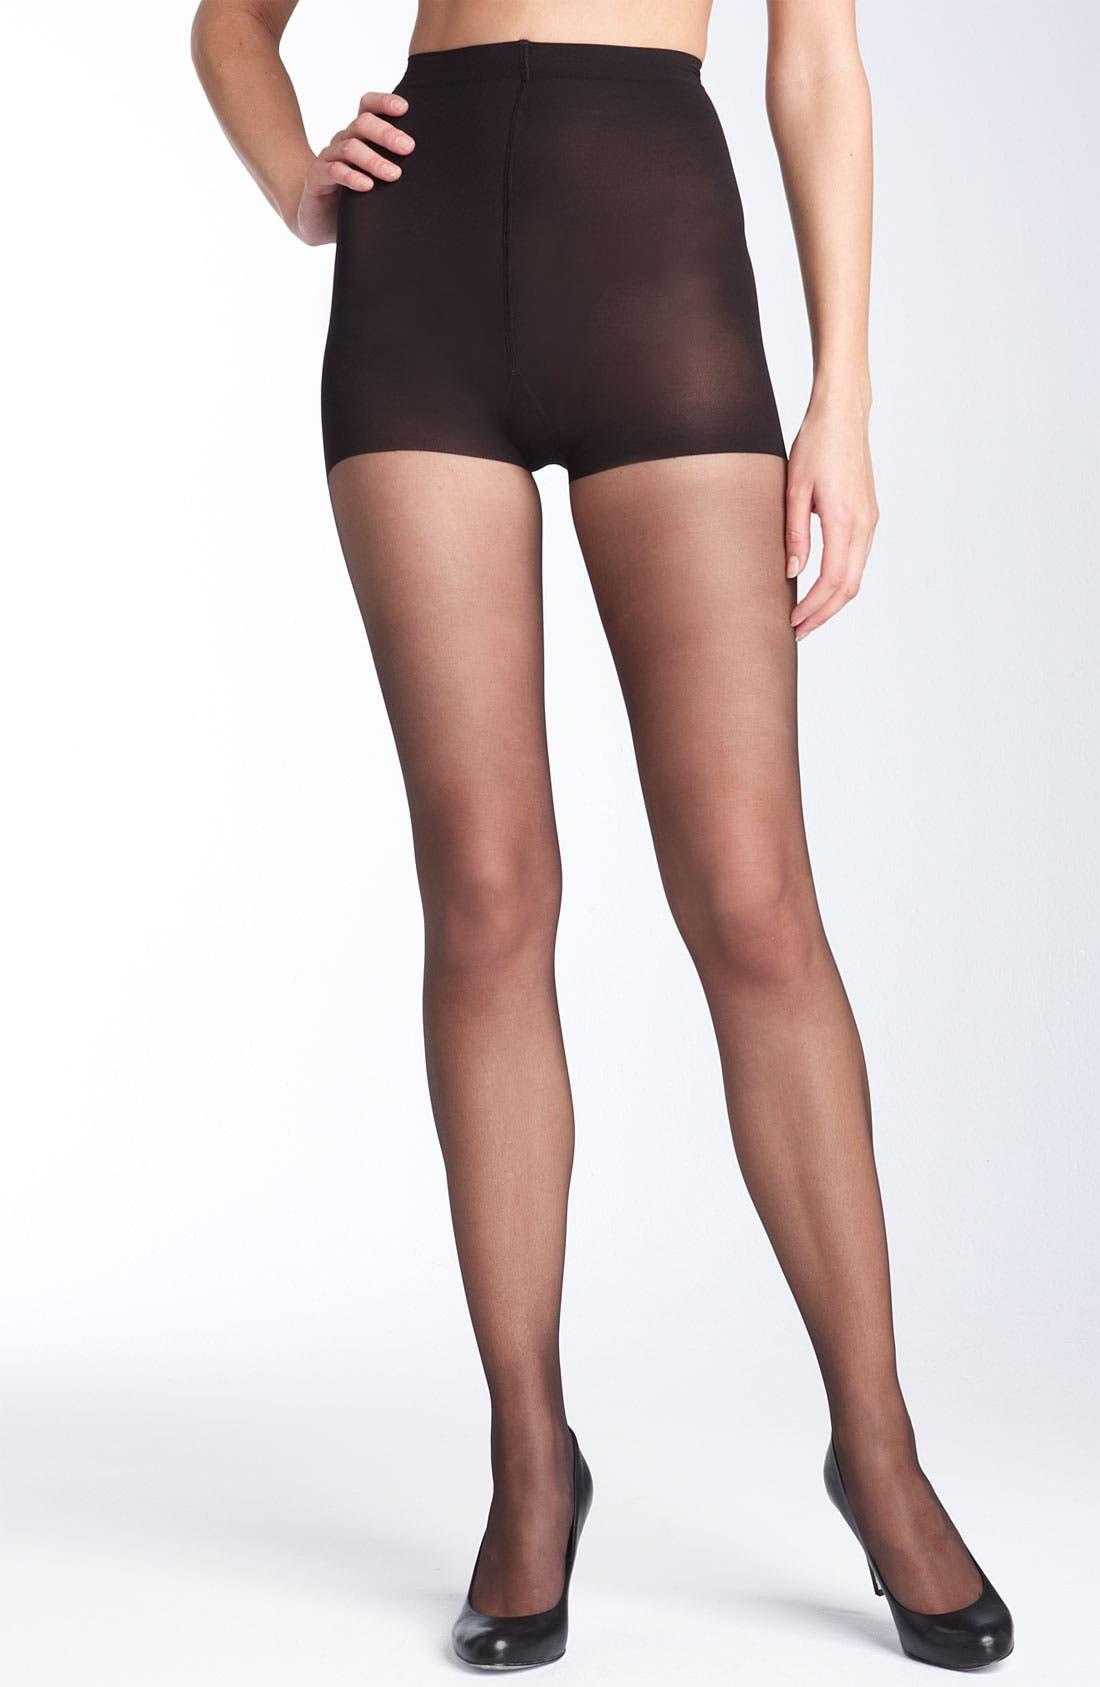 Donna Karan 'Ultra Sheer' Control Top Pantyhose